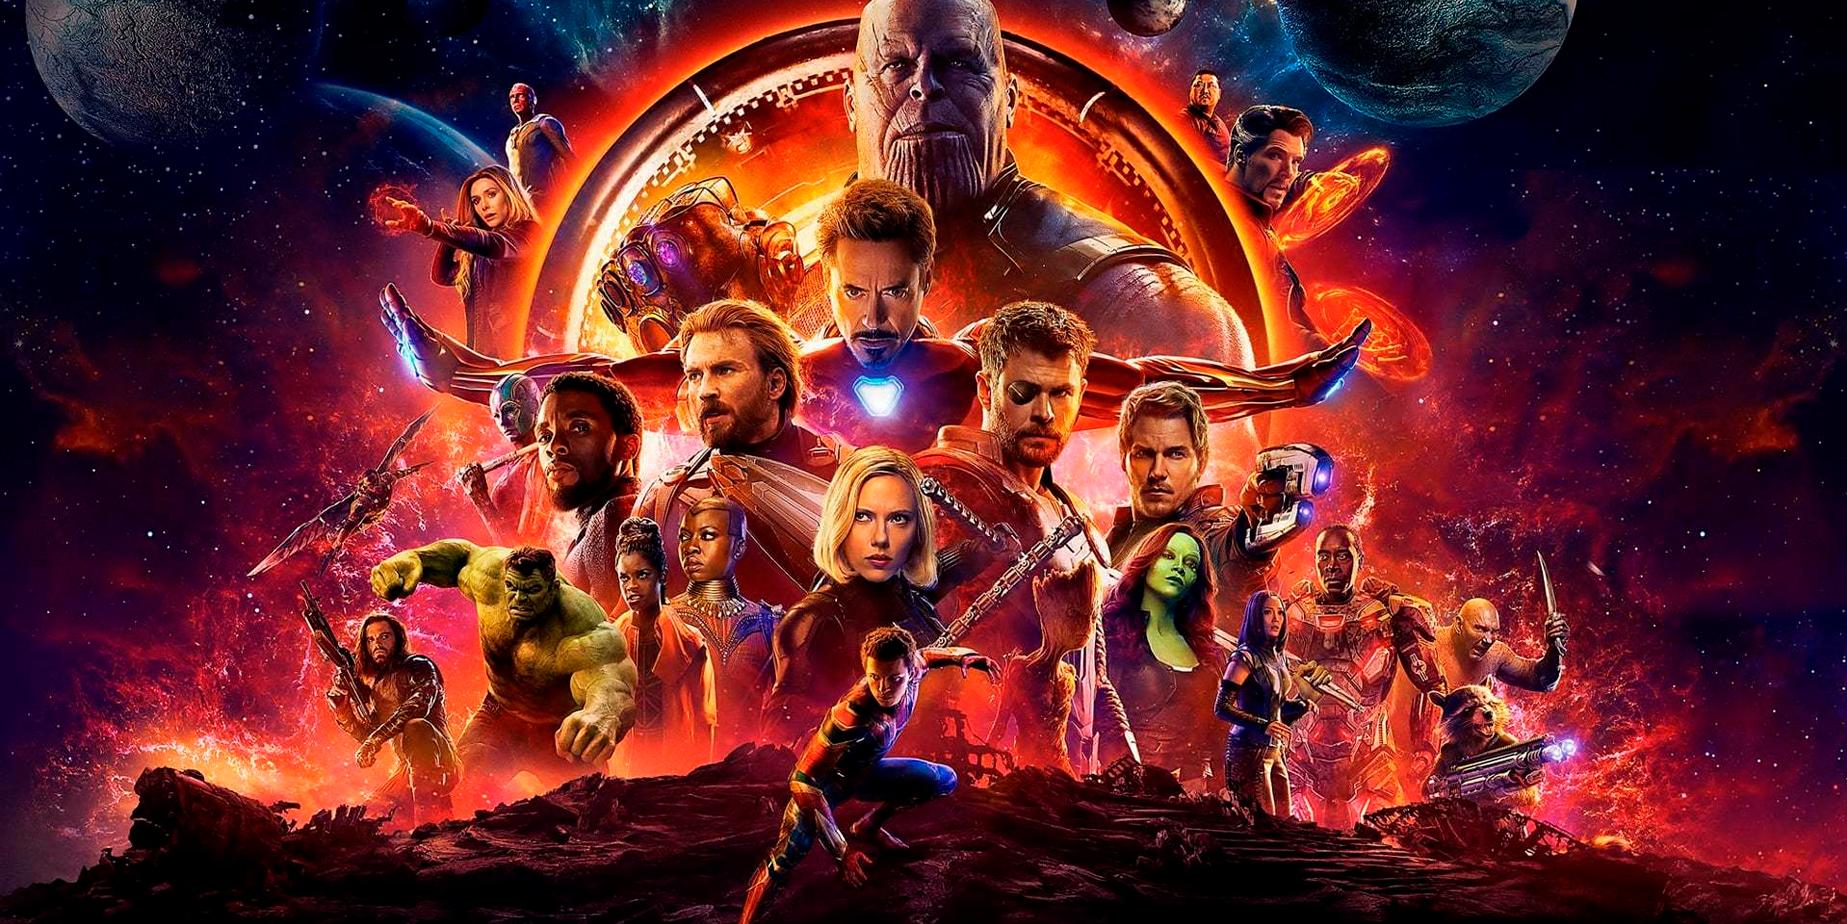 Para quem quer mais Marvel depois de Vingadores: Guerra Infinita